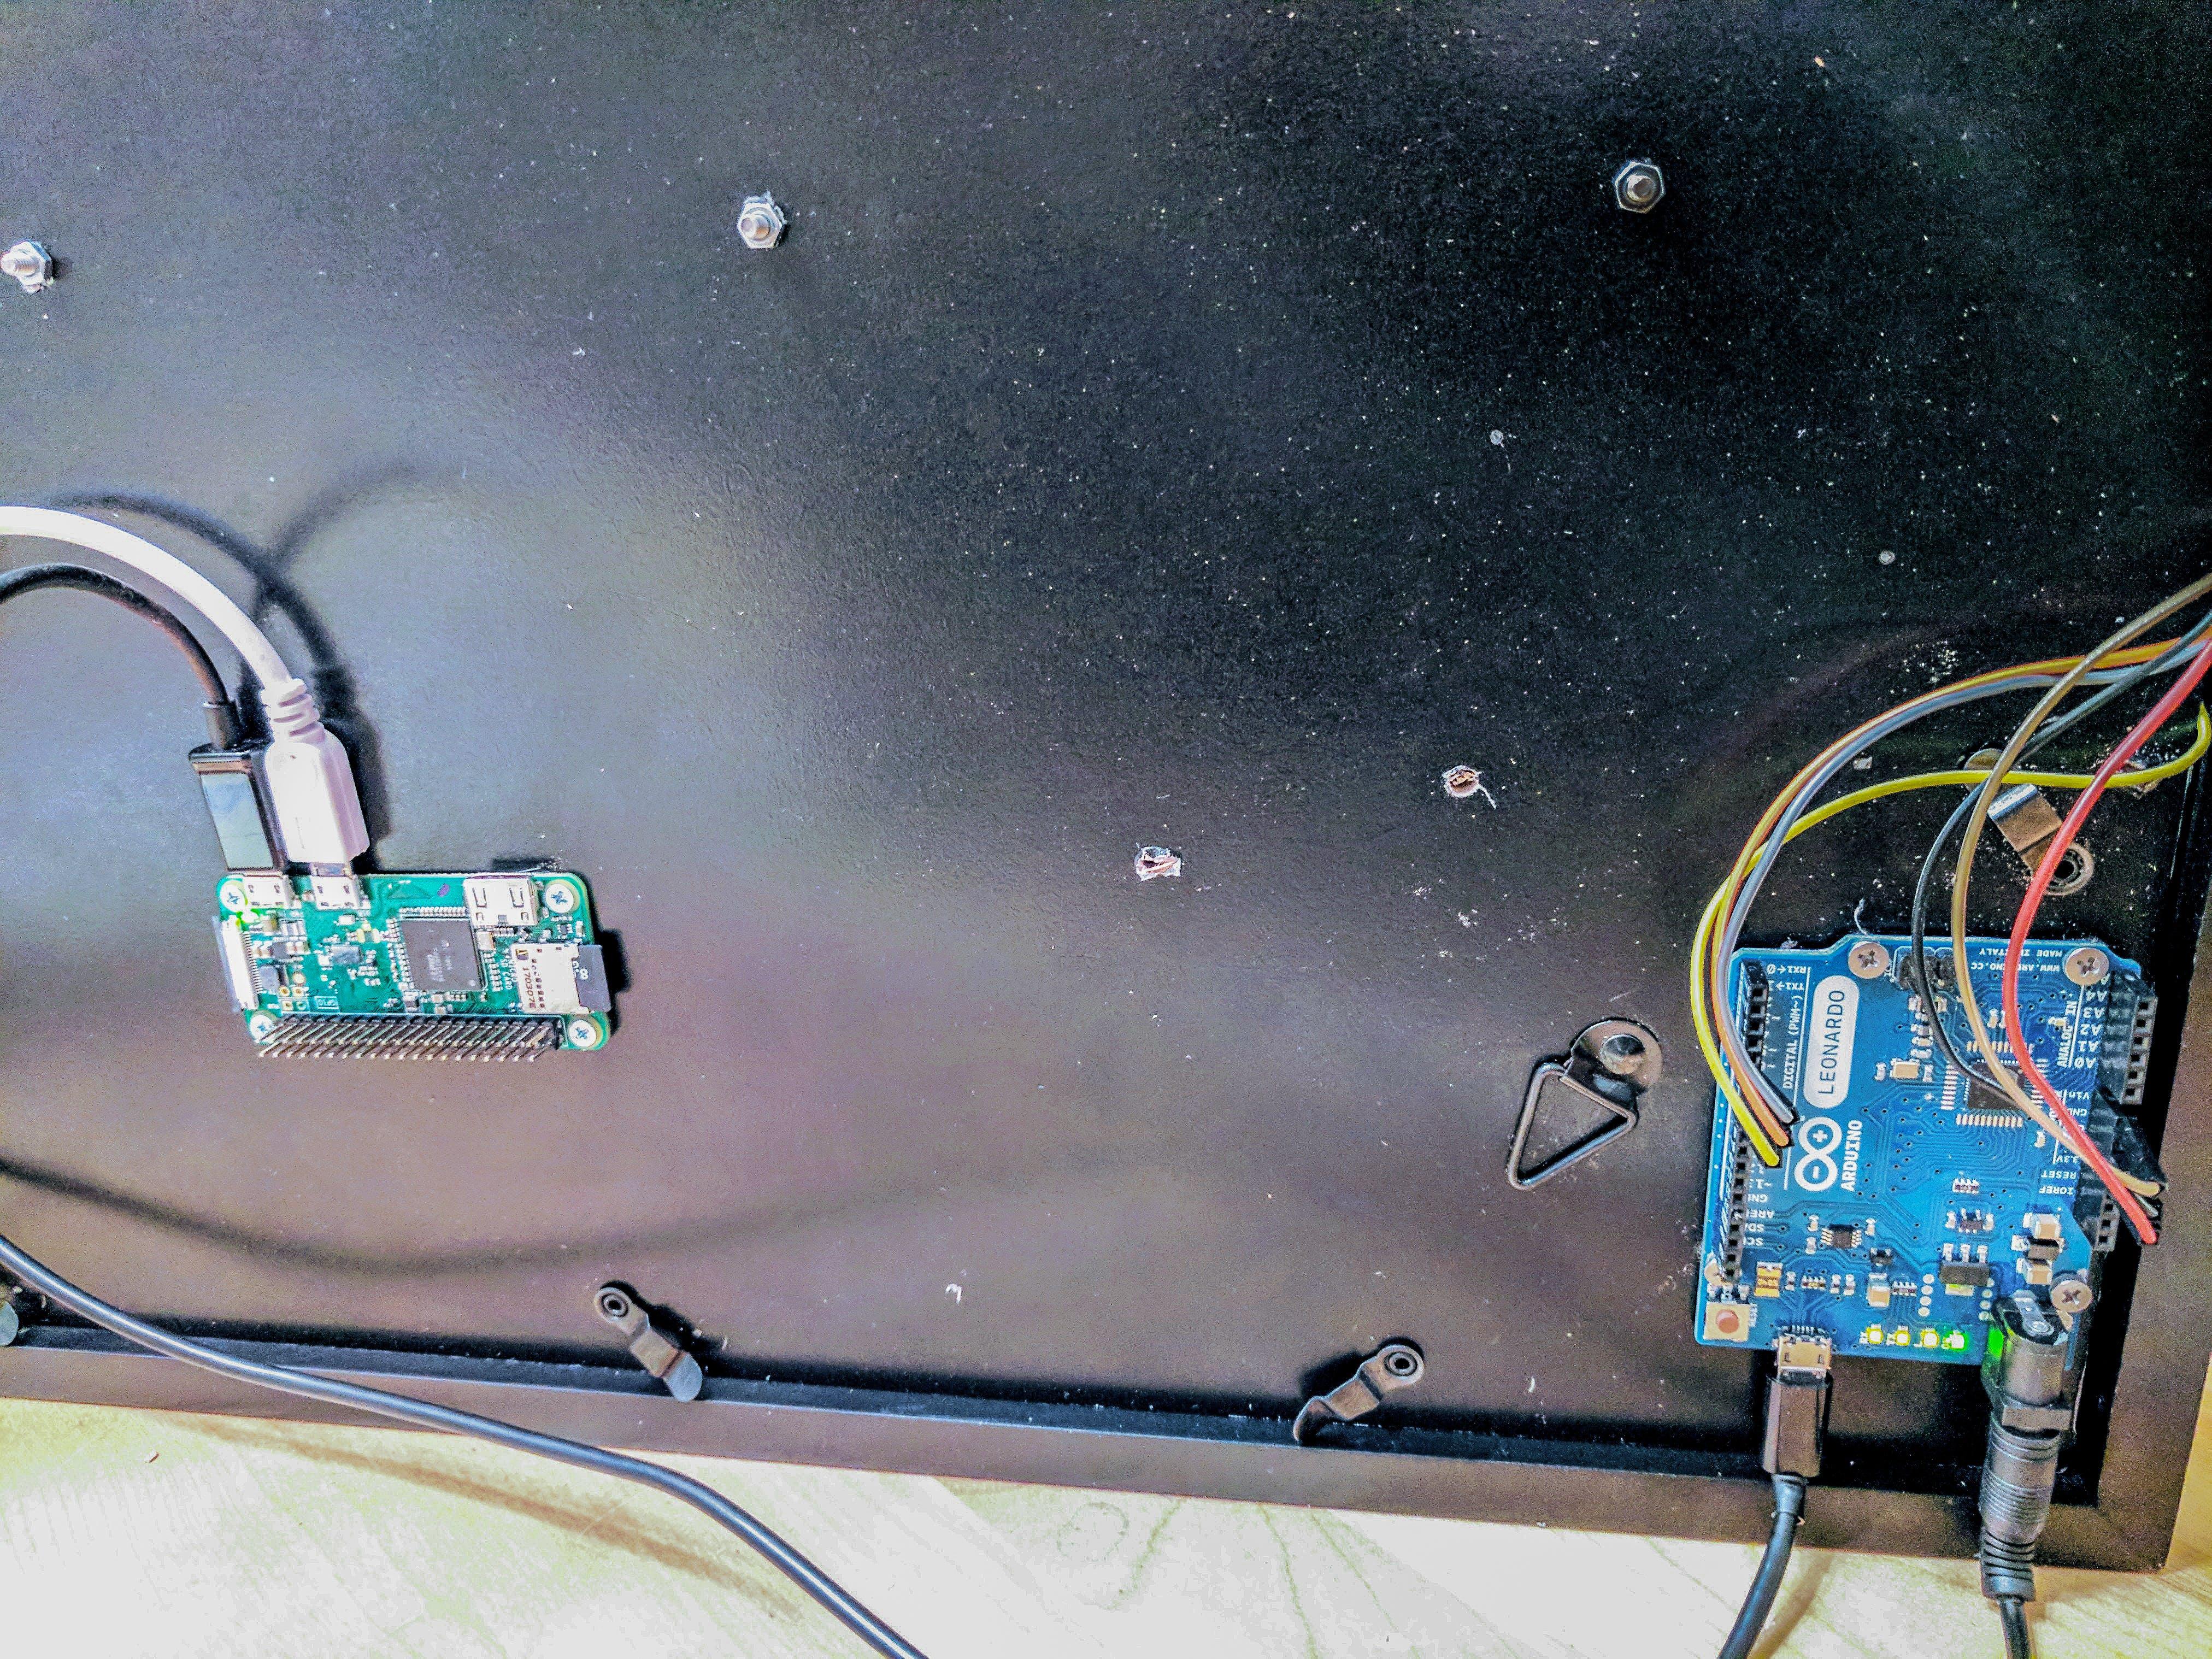 Arduino interface to the Raspberry PI